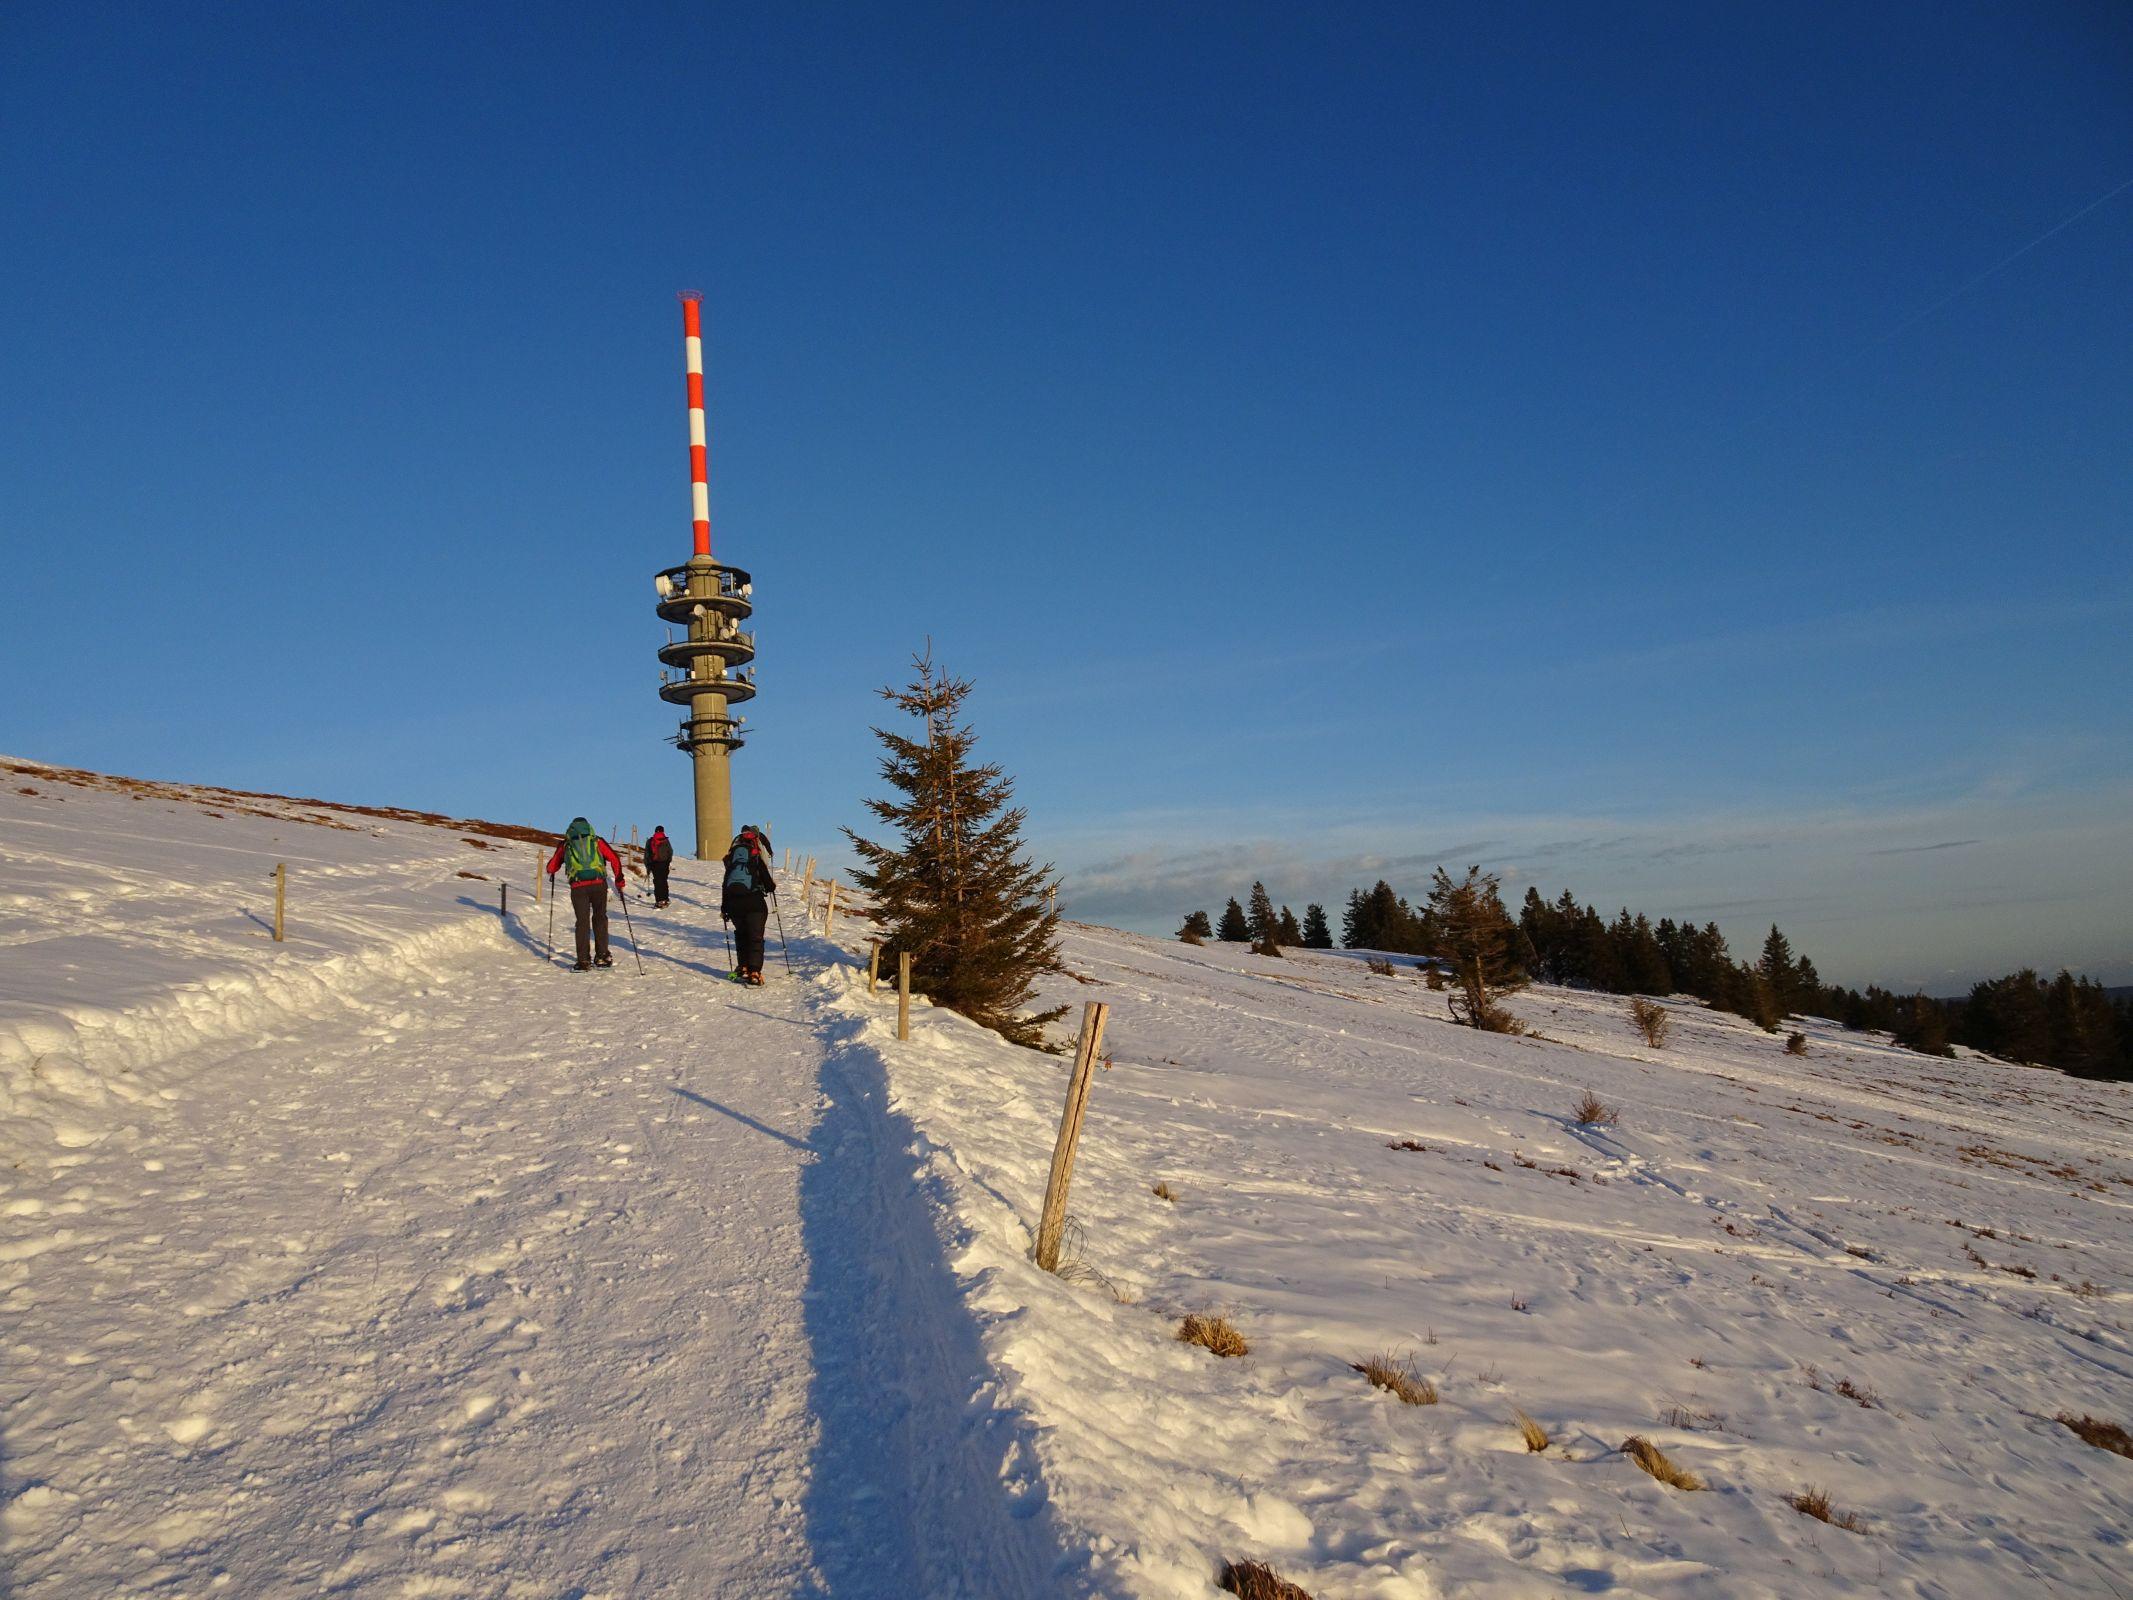 Nacht-Schneeschuhtour Feldberg 08.02.2020